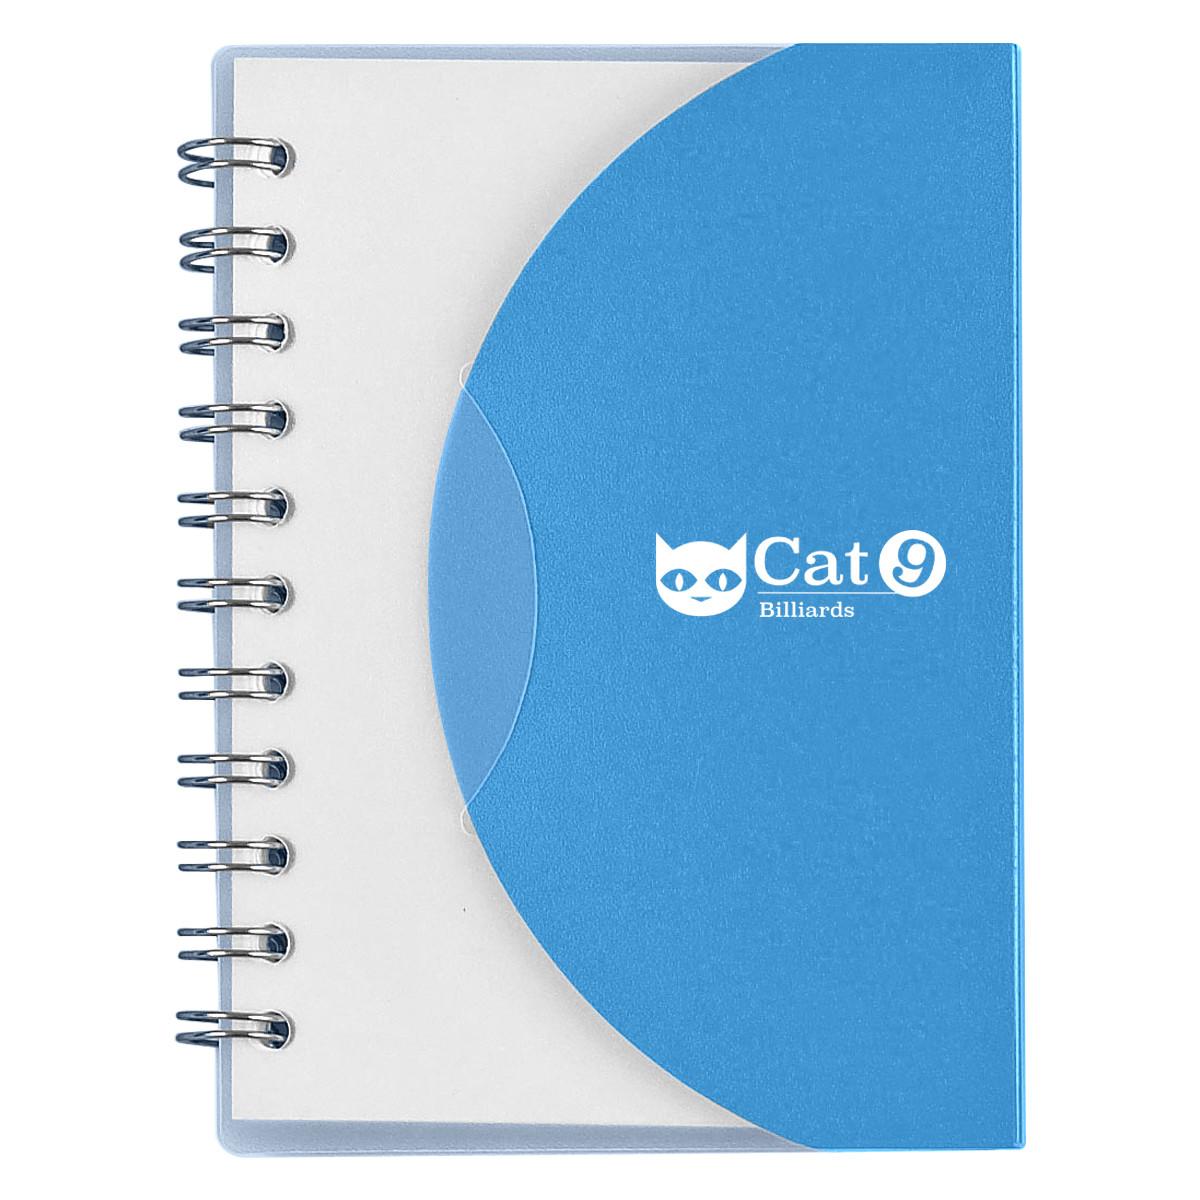 Mini Spiral Notebook